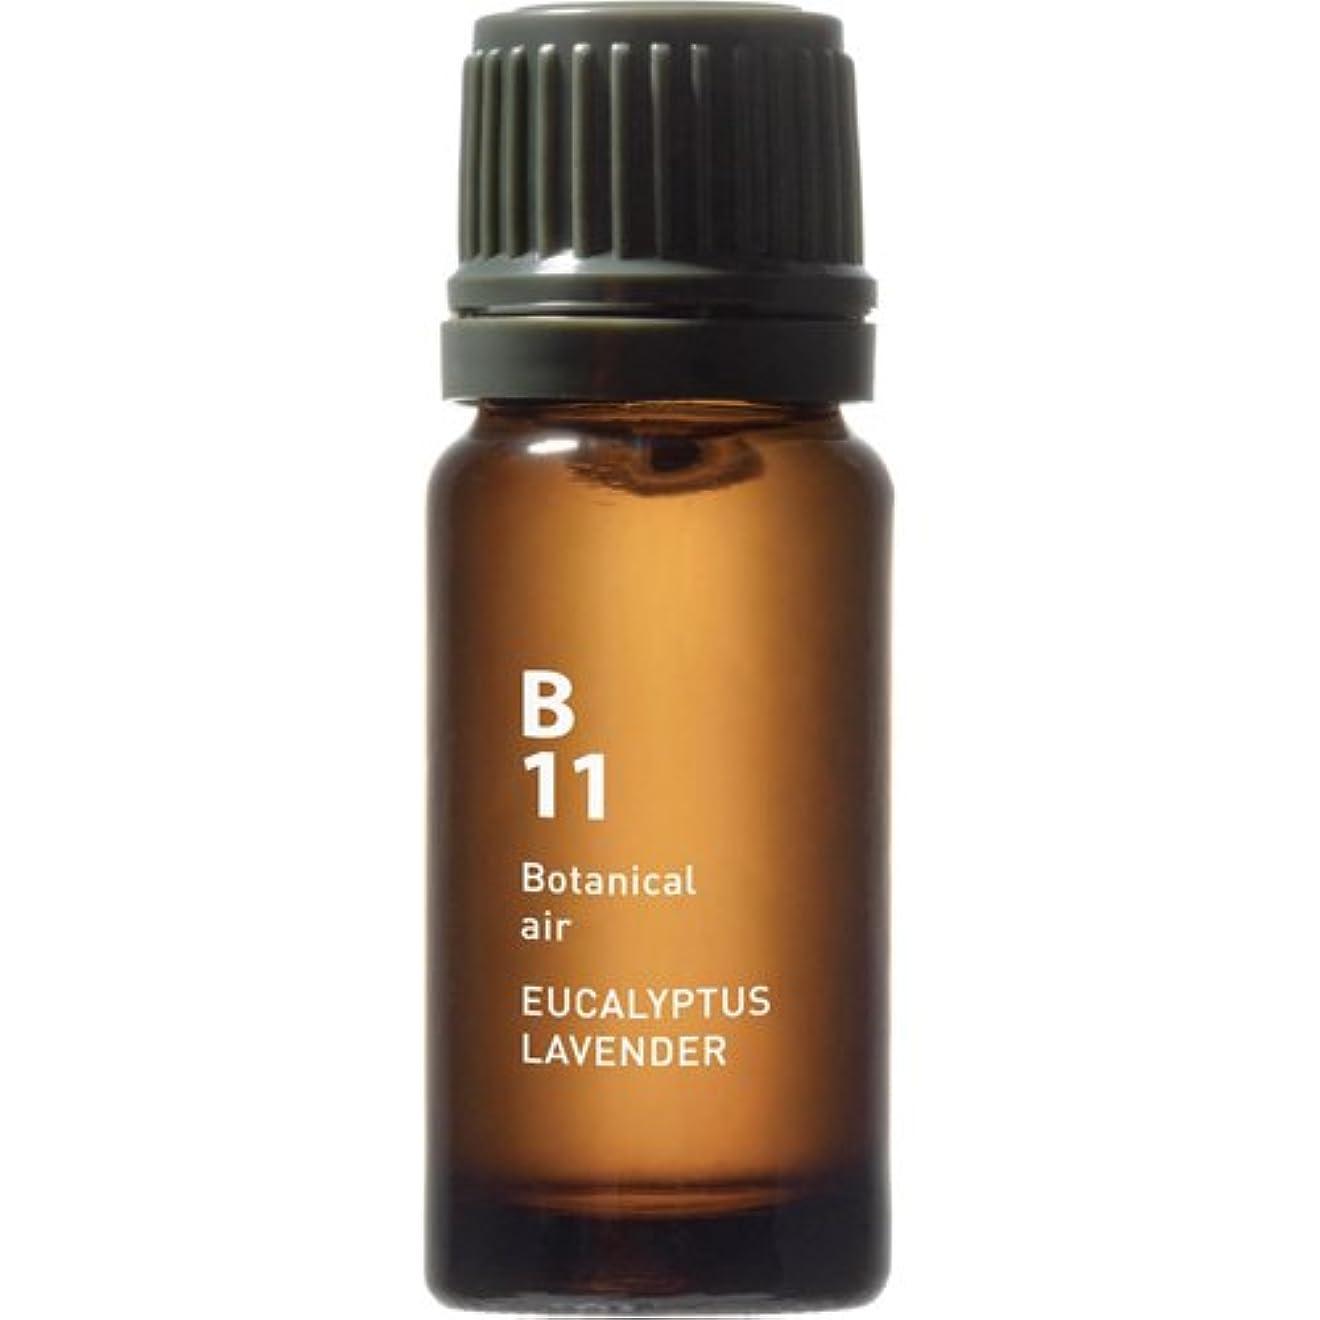 判定配管渦B11 ユーカリラベンダー Botanical air(ボタニカルエアー) 10ml